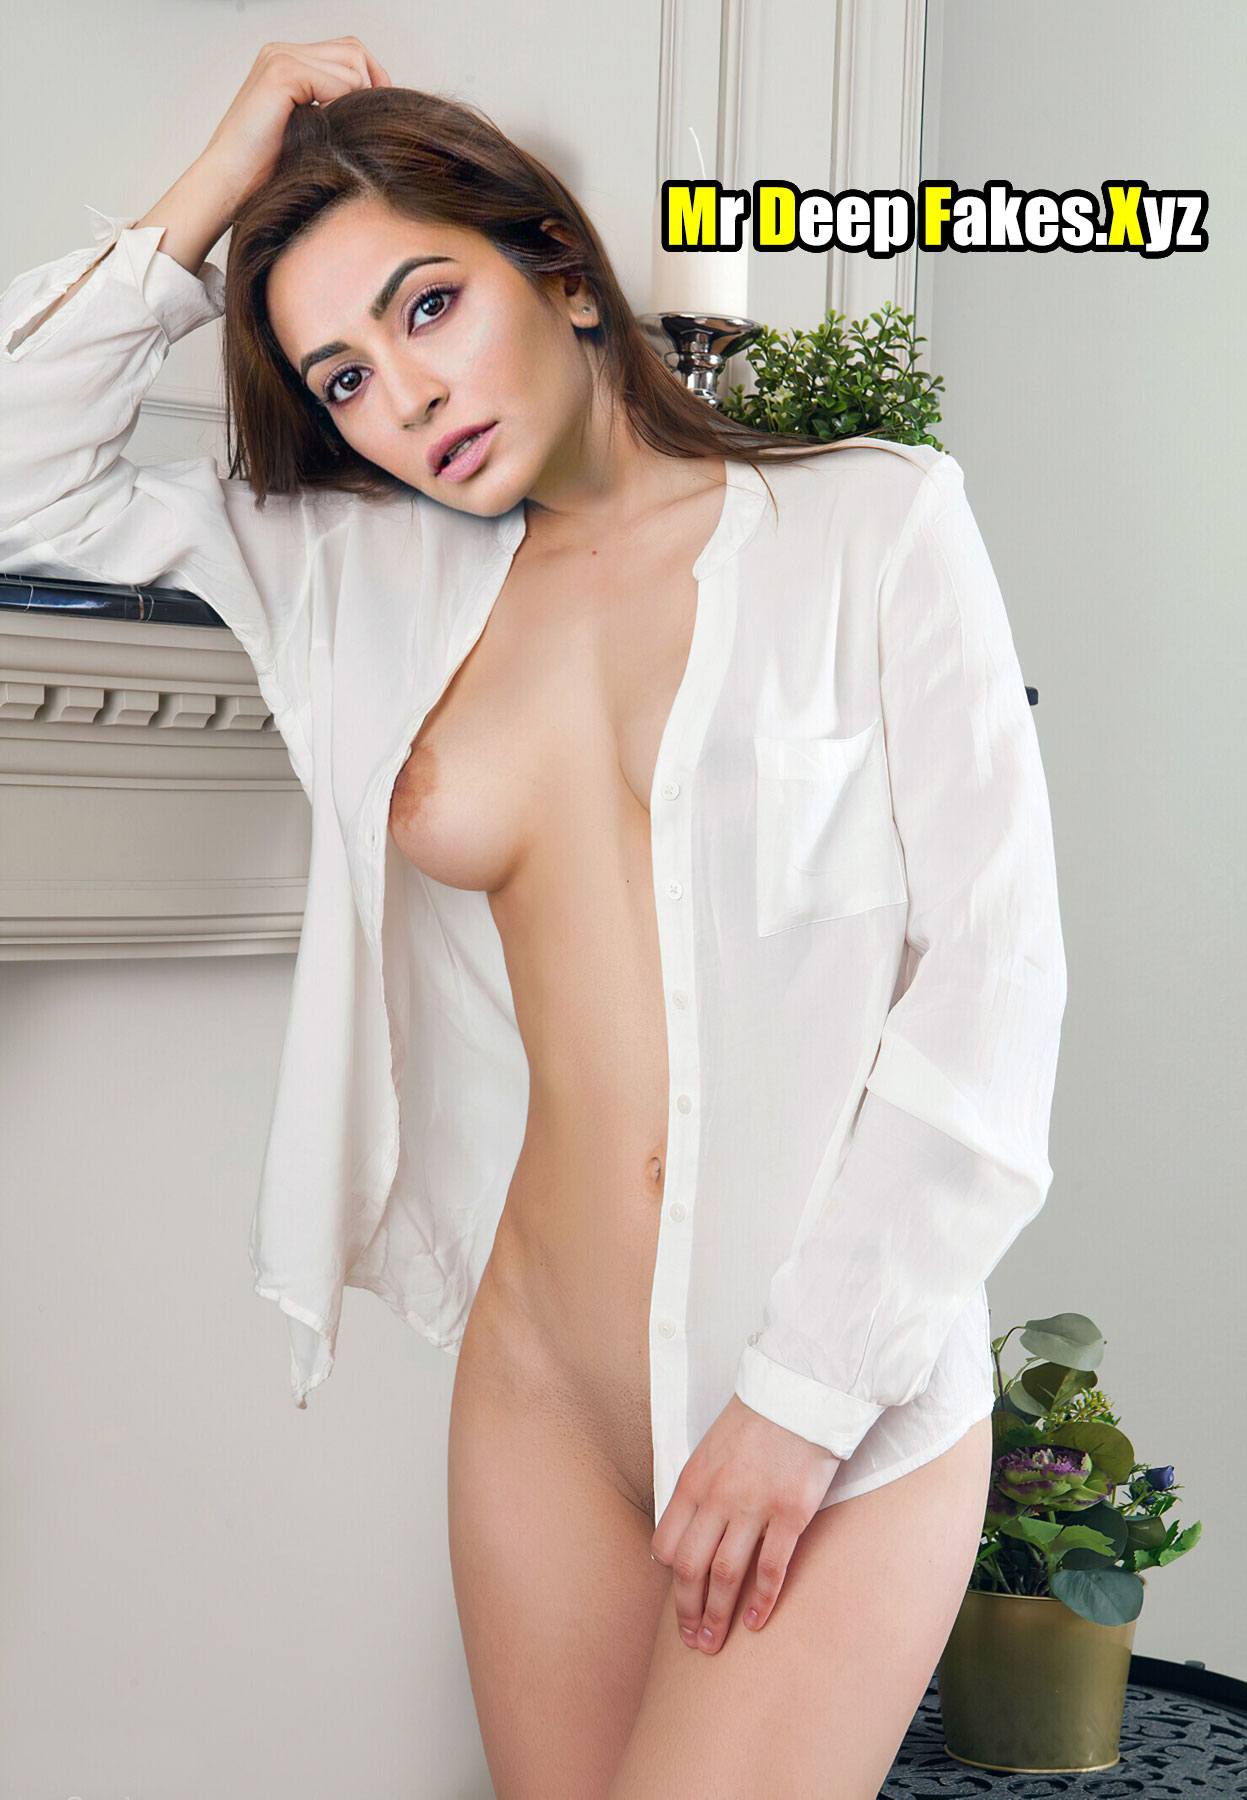 Kriti Kharbanda open shirt sexy slim body exposed image